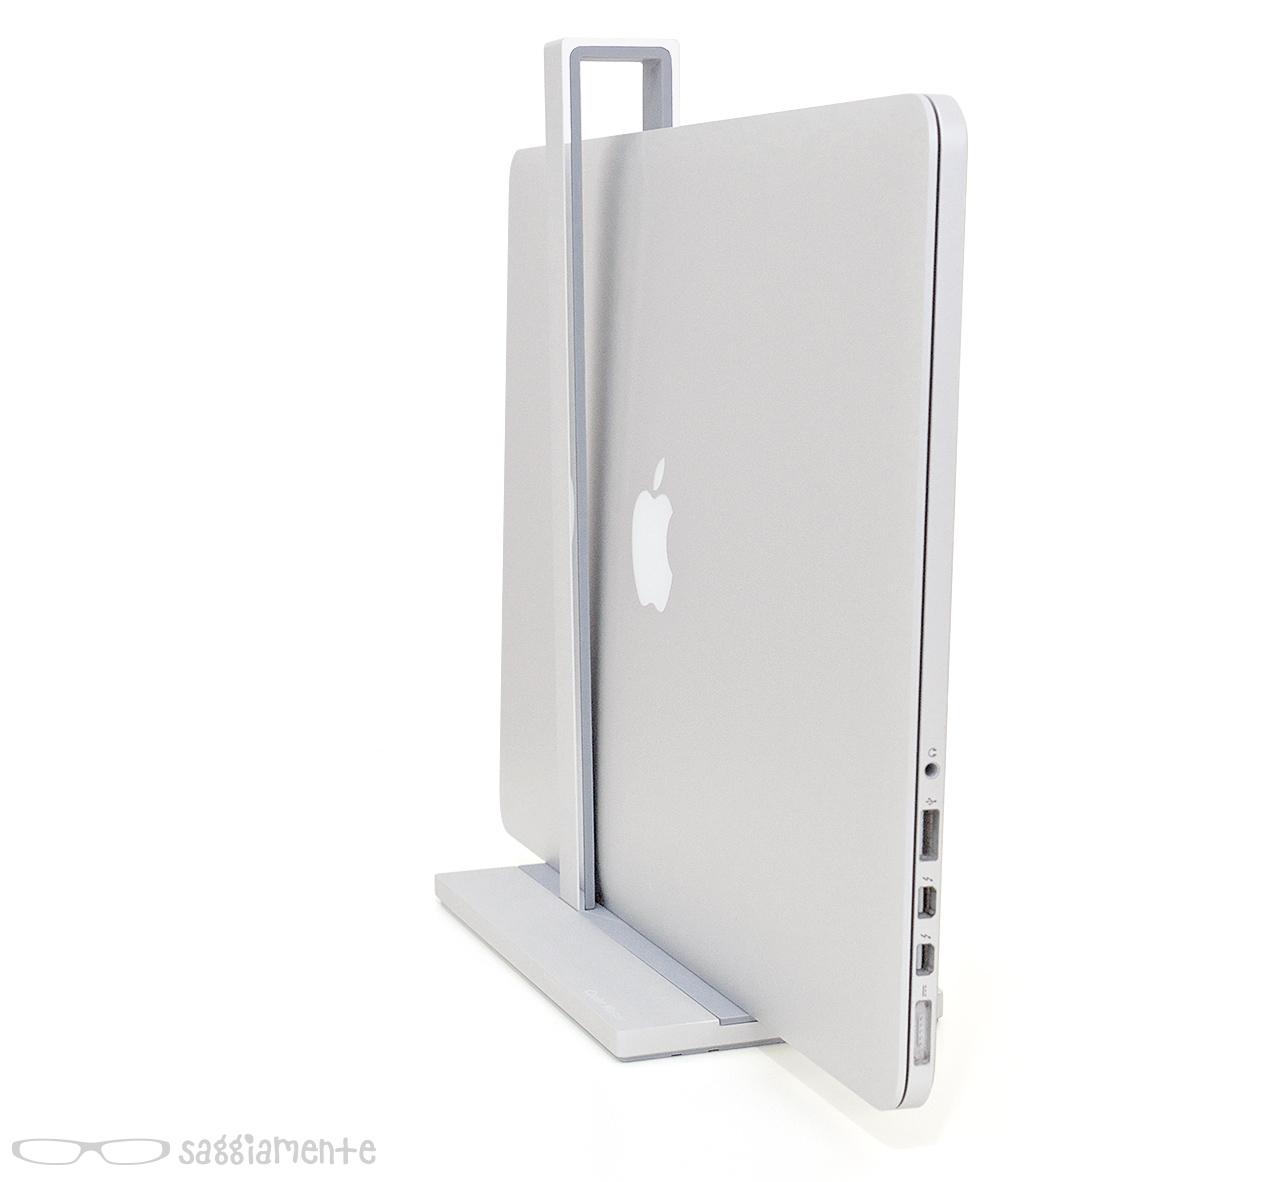 l-stand-macbookpro-profilo